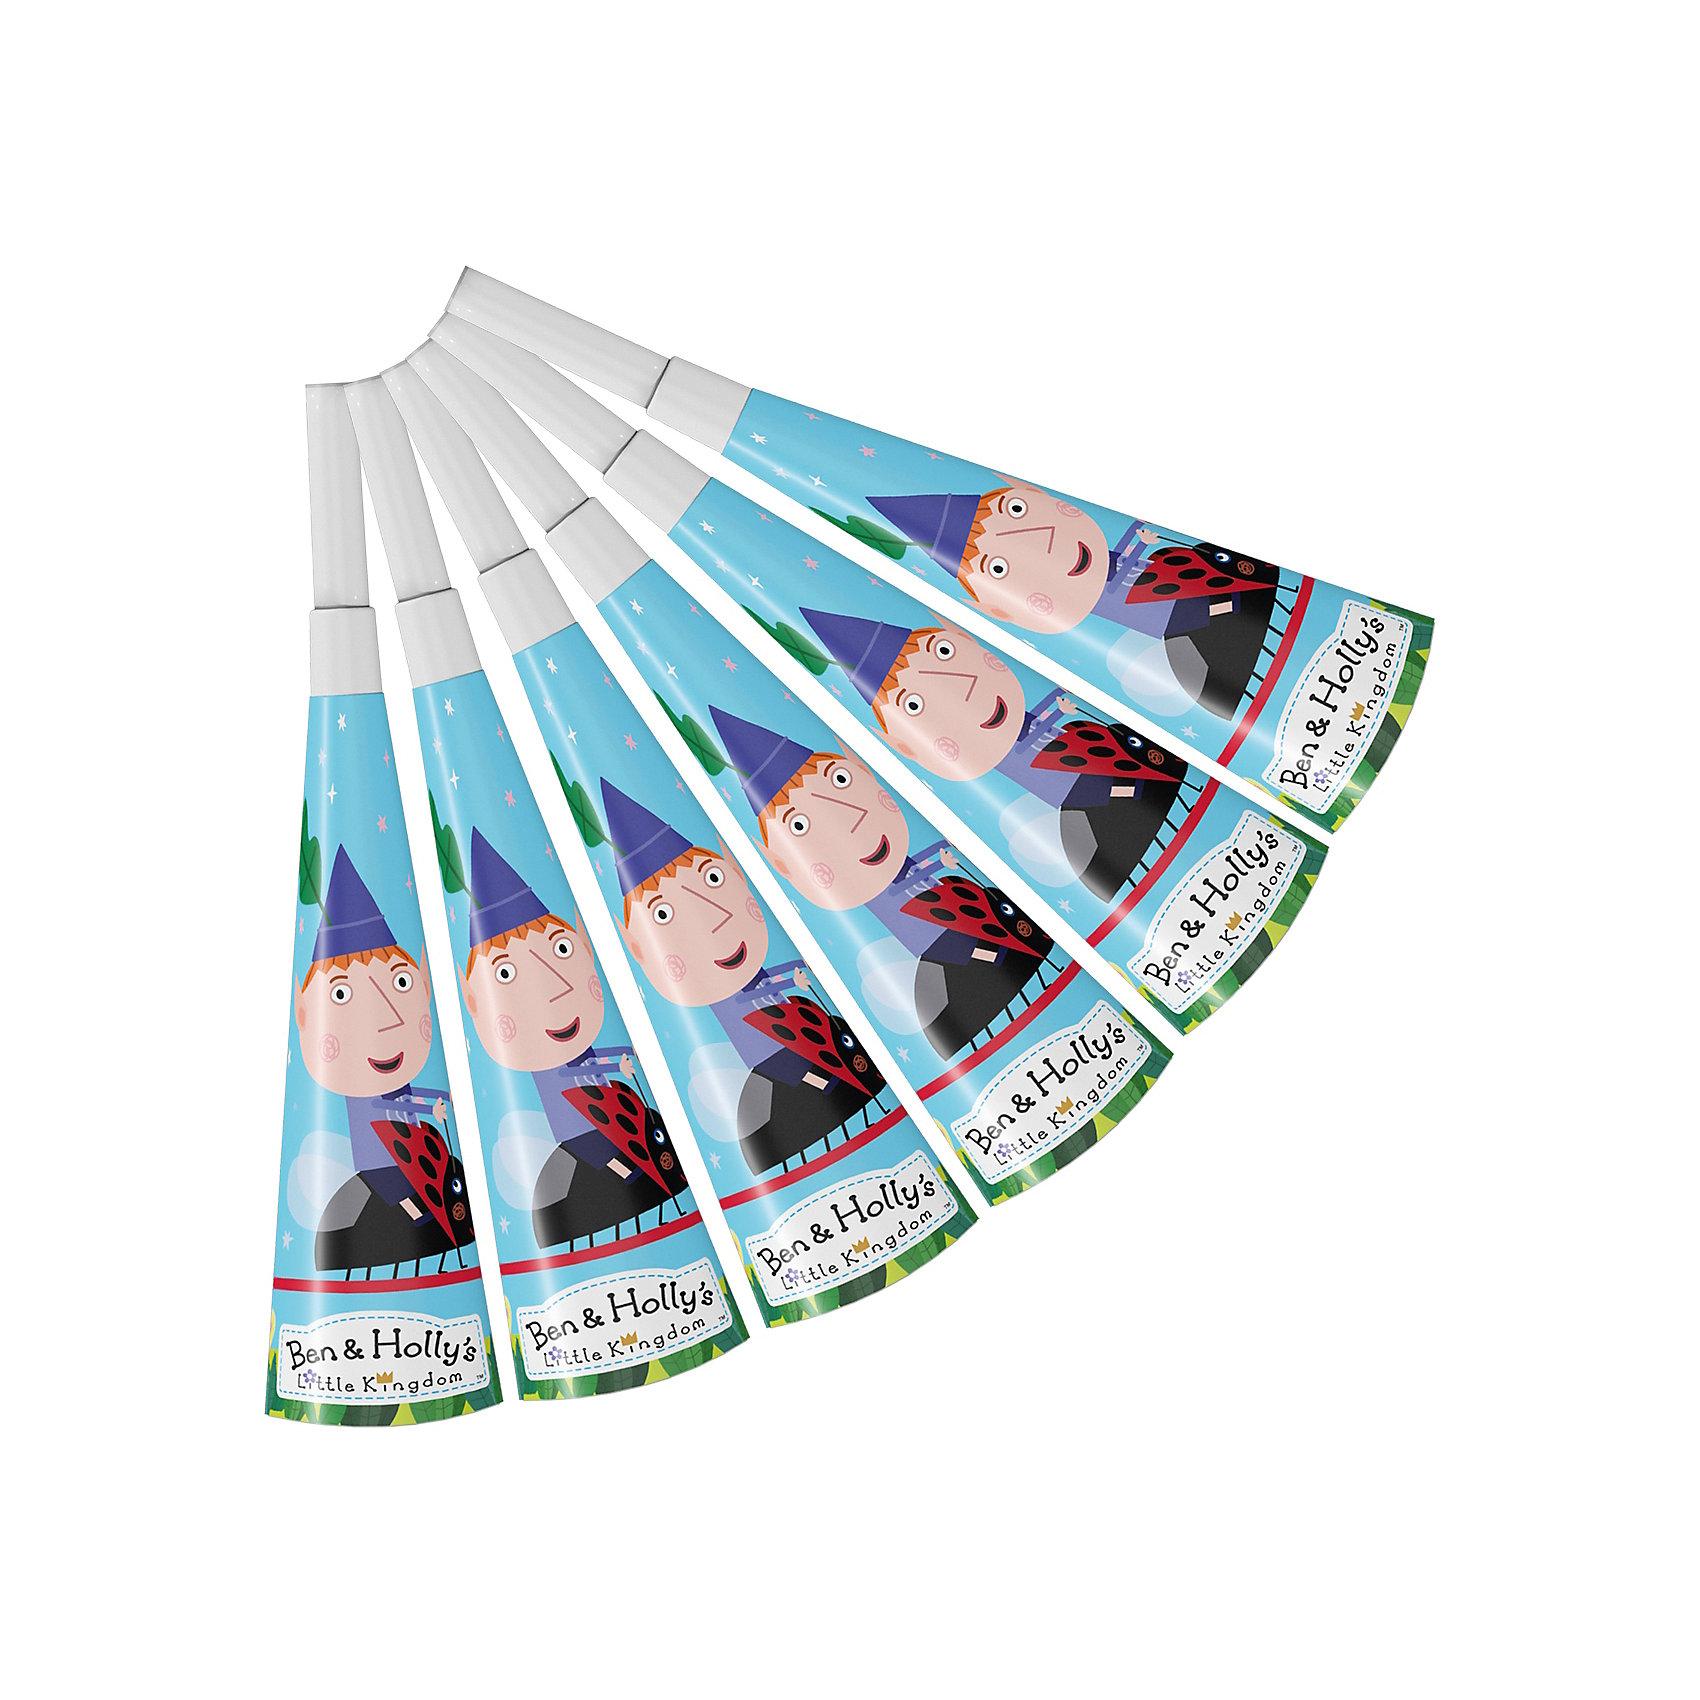 Дудочи 6 шт., Бен и ХоллиДетские дудочки<br>Характеристики:<br><br>• возраст: от 3 лет<br>• в наборе: 6 дудочек<br>• материал: плотная бумага<br><br>Веселые бумажные дудочки с героями мультфильма «Бен и Холли» развеселят детей и помогут устроить множество увлекательных игр. А главное, играя с ними, малыши будут тренировать свою дыхательную систему, что очень полезно для здоровья их растущих организмов.<br><br>Дудочи 6 шт., Бен и Холли можно купить в нашем интернет-магазине.<br><br>Ширина мм: 155<br>Глубина мм: 40<br>Высота мм: 270<br>Вес г: 30<br>Возраст от месяцев: 36<br>Возраст до месяцев: 2147483647<br>Пол: Мужской<br>Возраст: Детский<br>SKU: 6912278